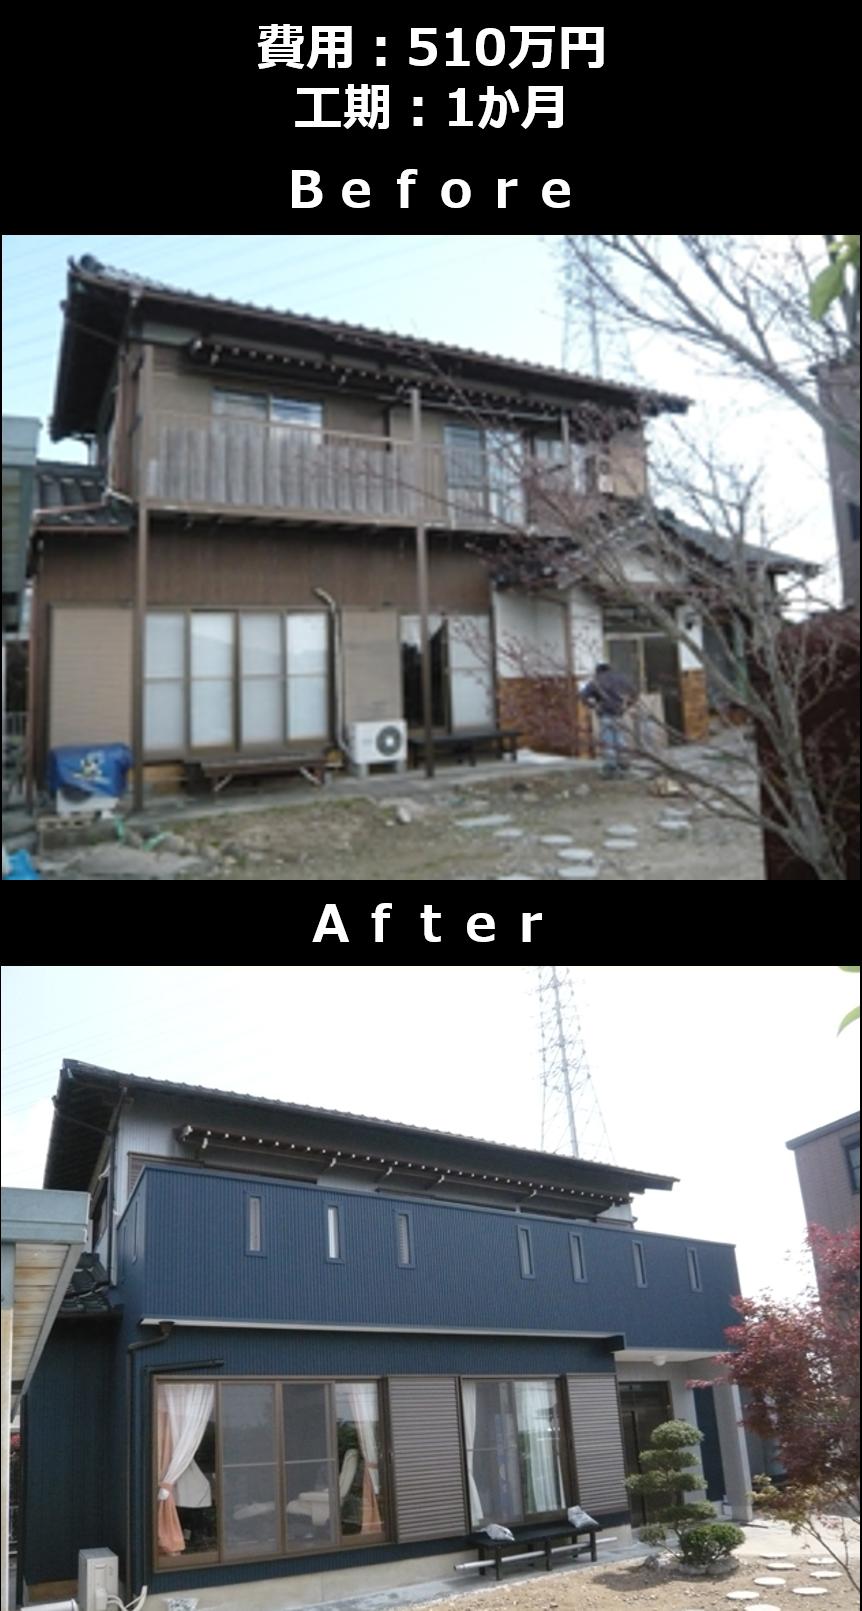 増築して二世帯住宅にし、2階にベランダを増設